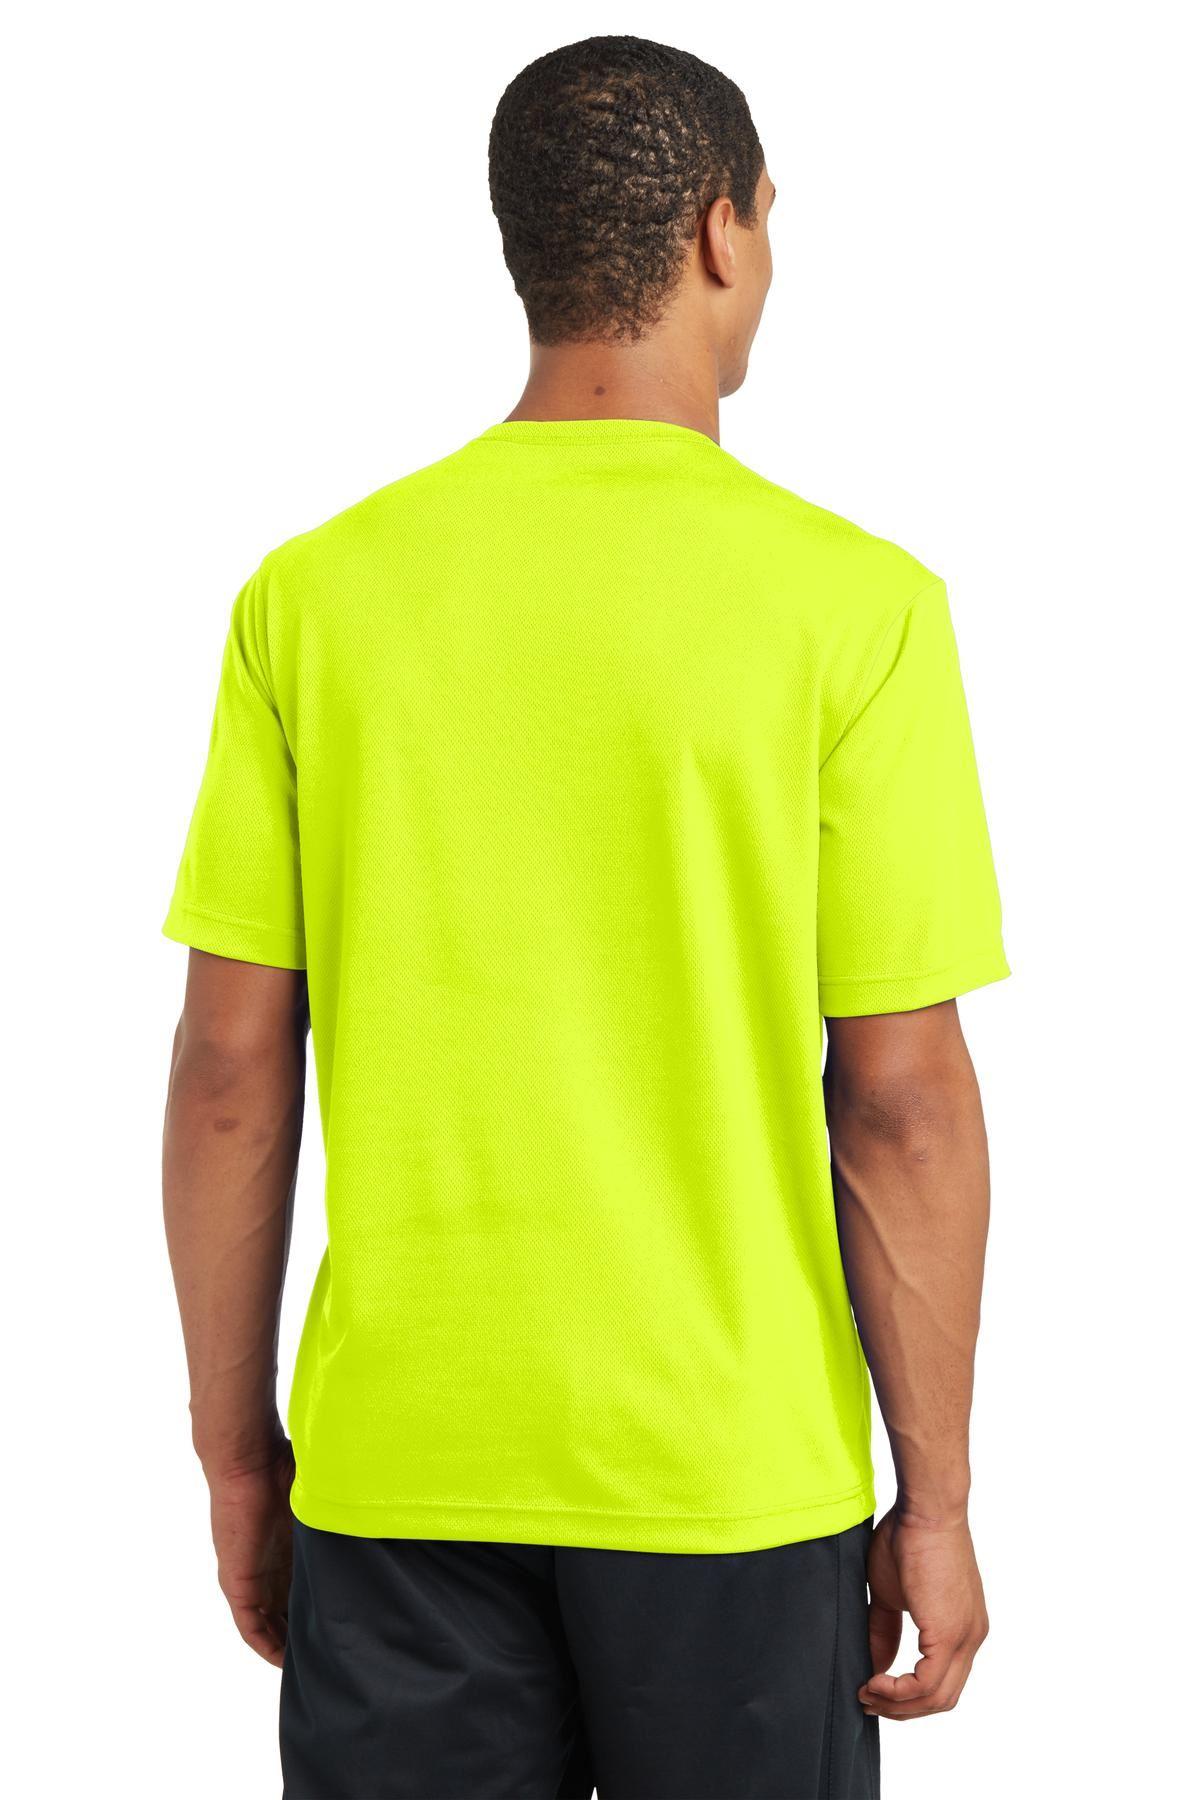 thumbnail 24 - Sport-Tek Men's Dry-Fit RacerMesh Moisture Wicking T-Shirt M-ST340